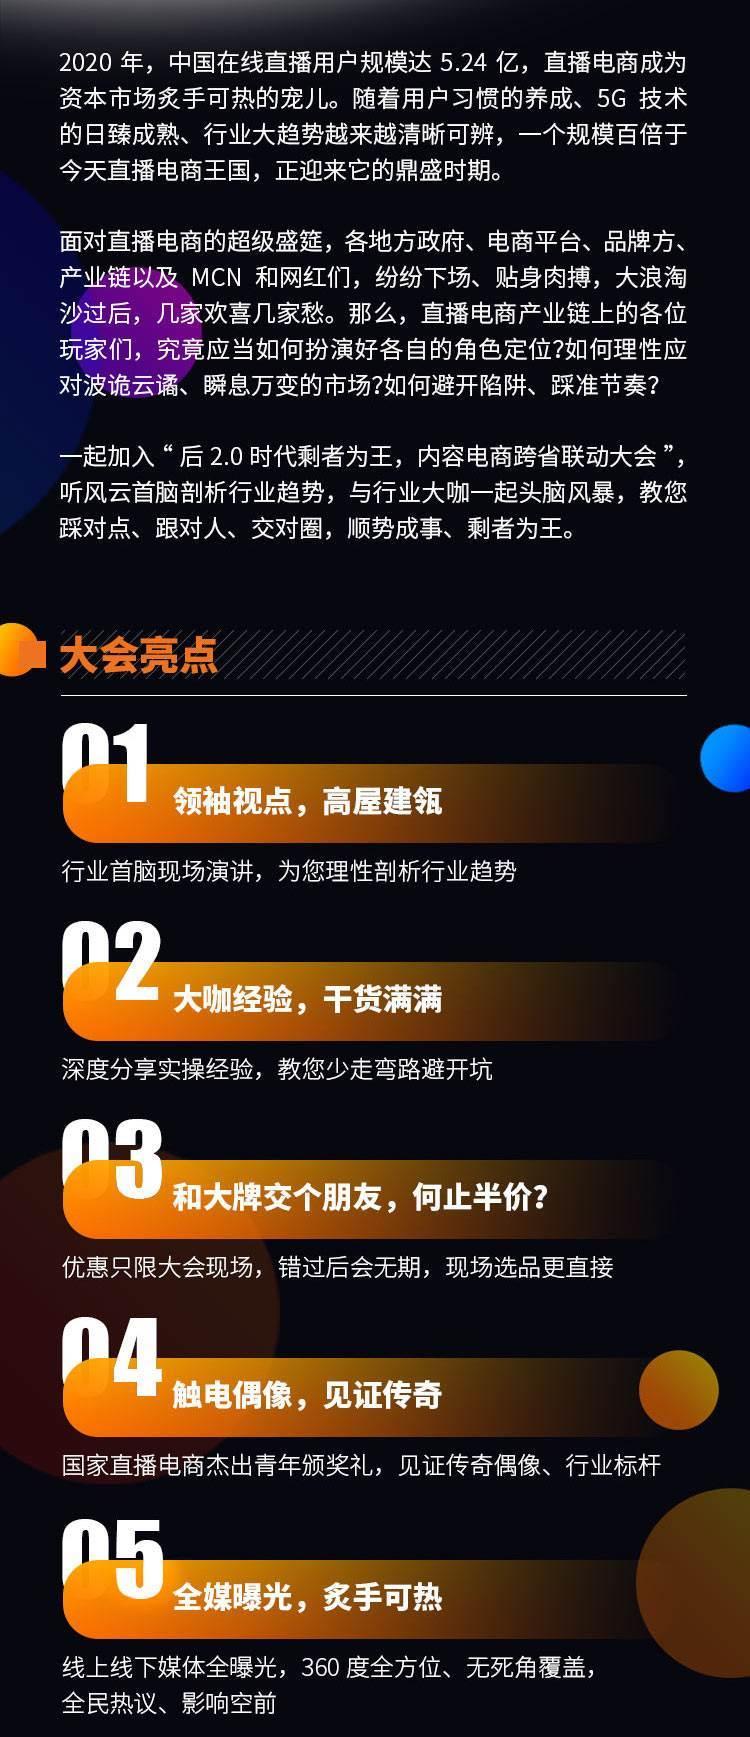 内容电商跨省联动大会报名长条(1027)_02.jpg